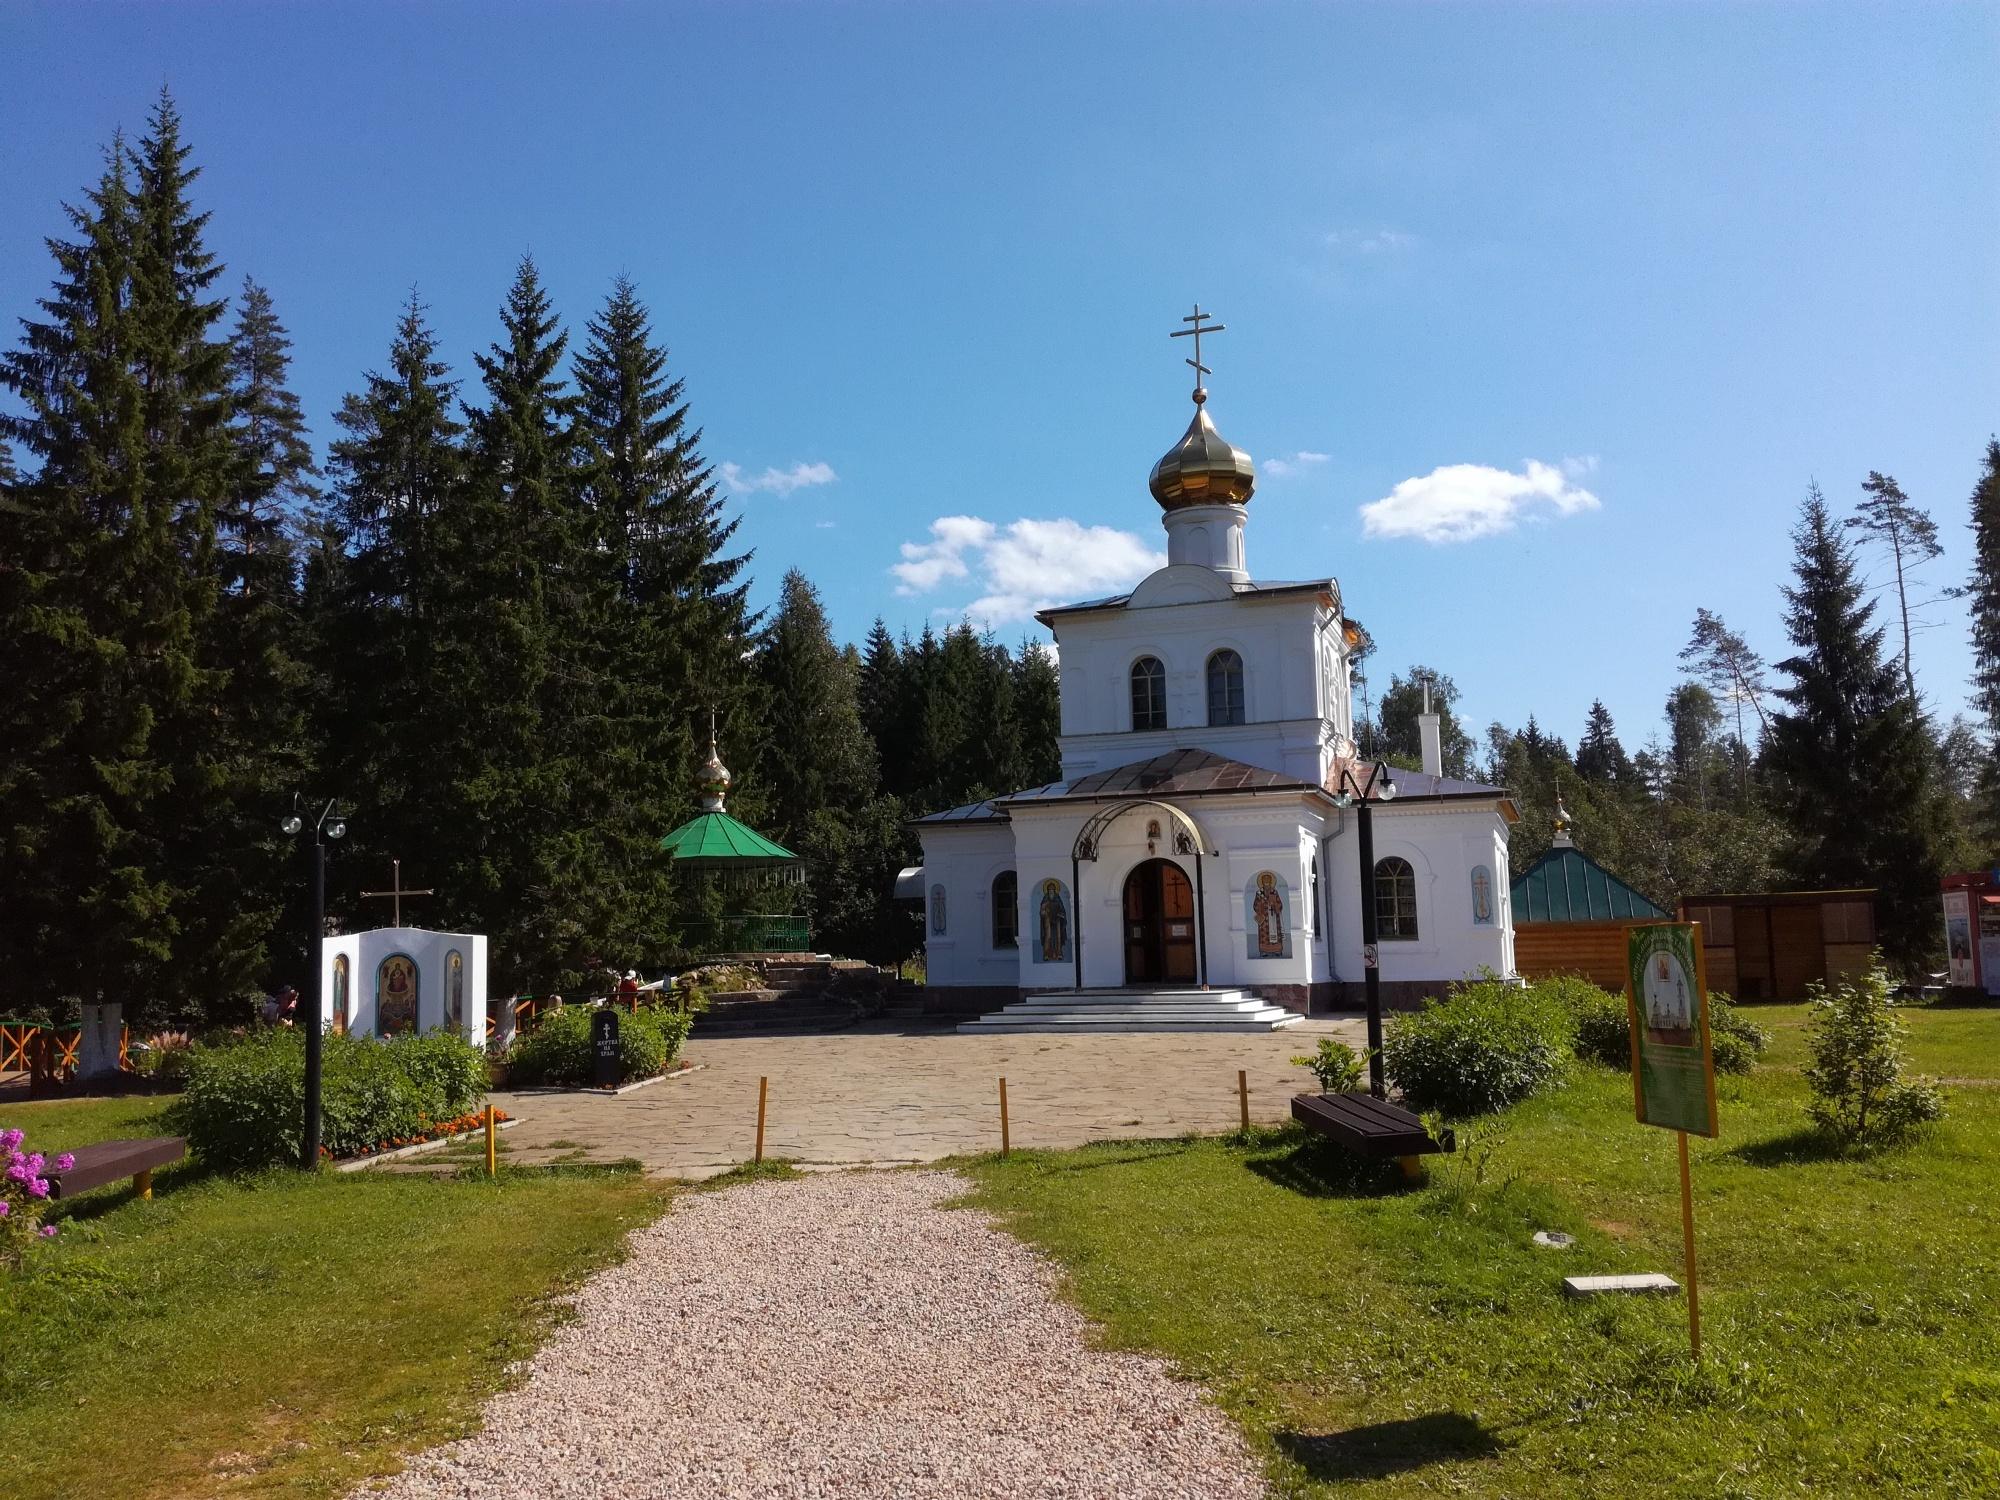 Спасо-Преображенский скит Нило-Столобенского монастыря, Оковцы, Россия